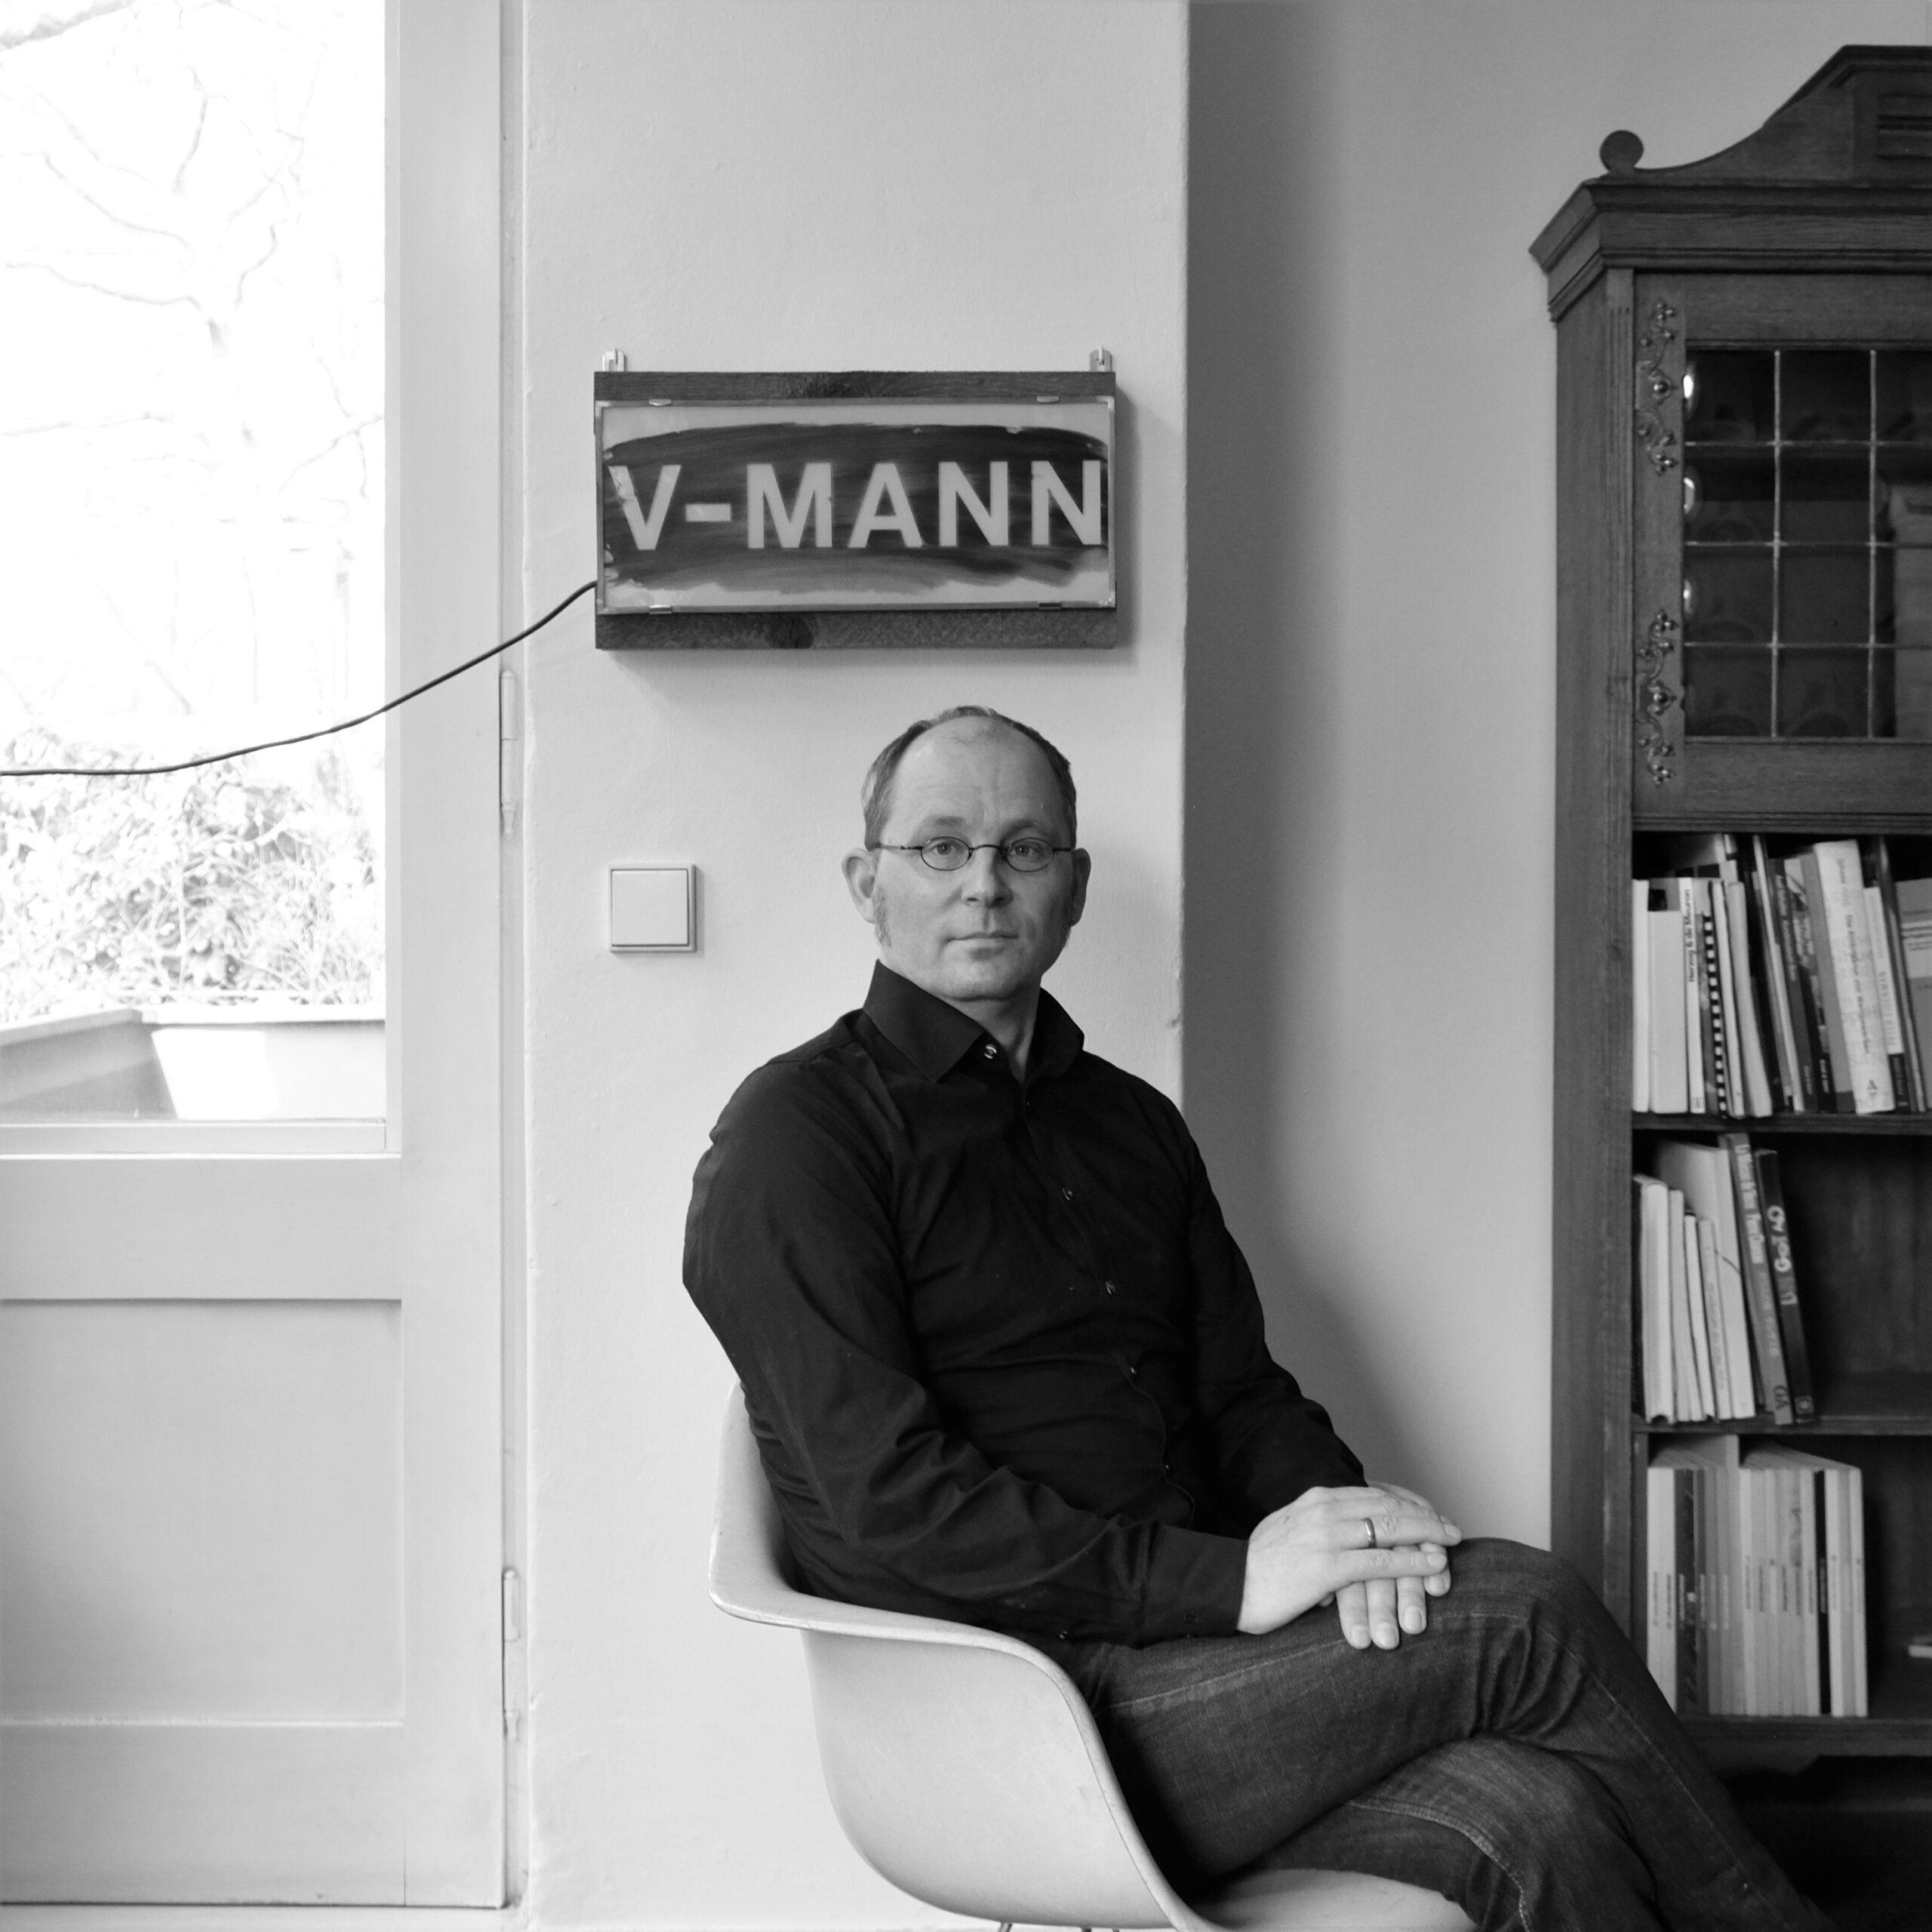 Andreas Schmidt-Schultze